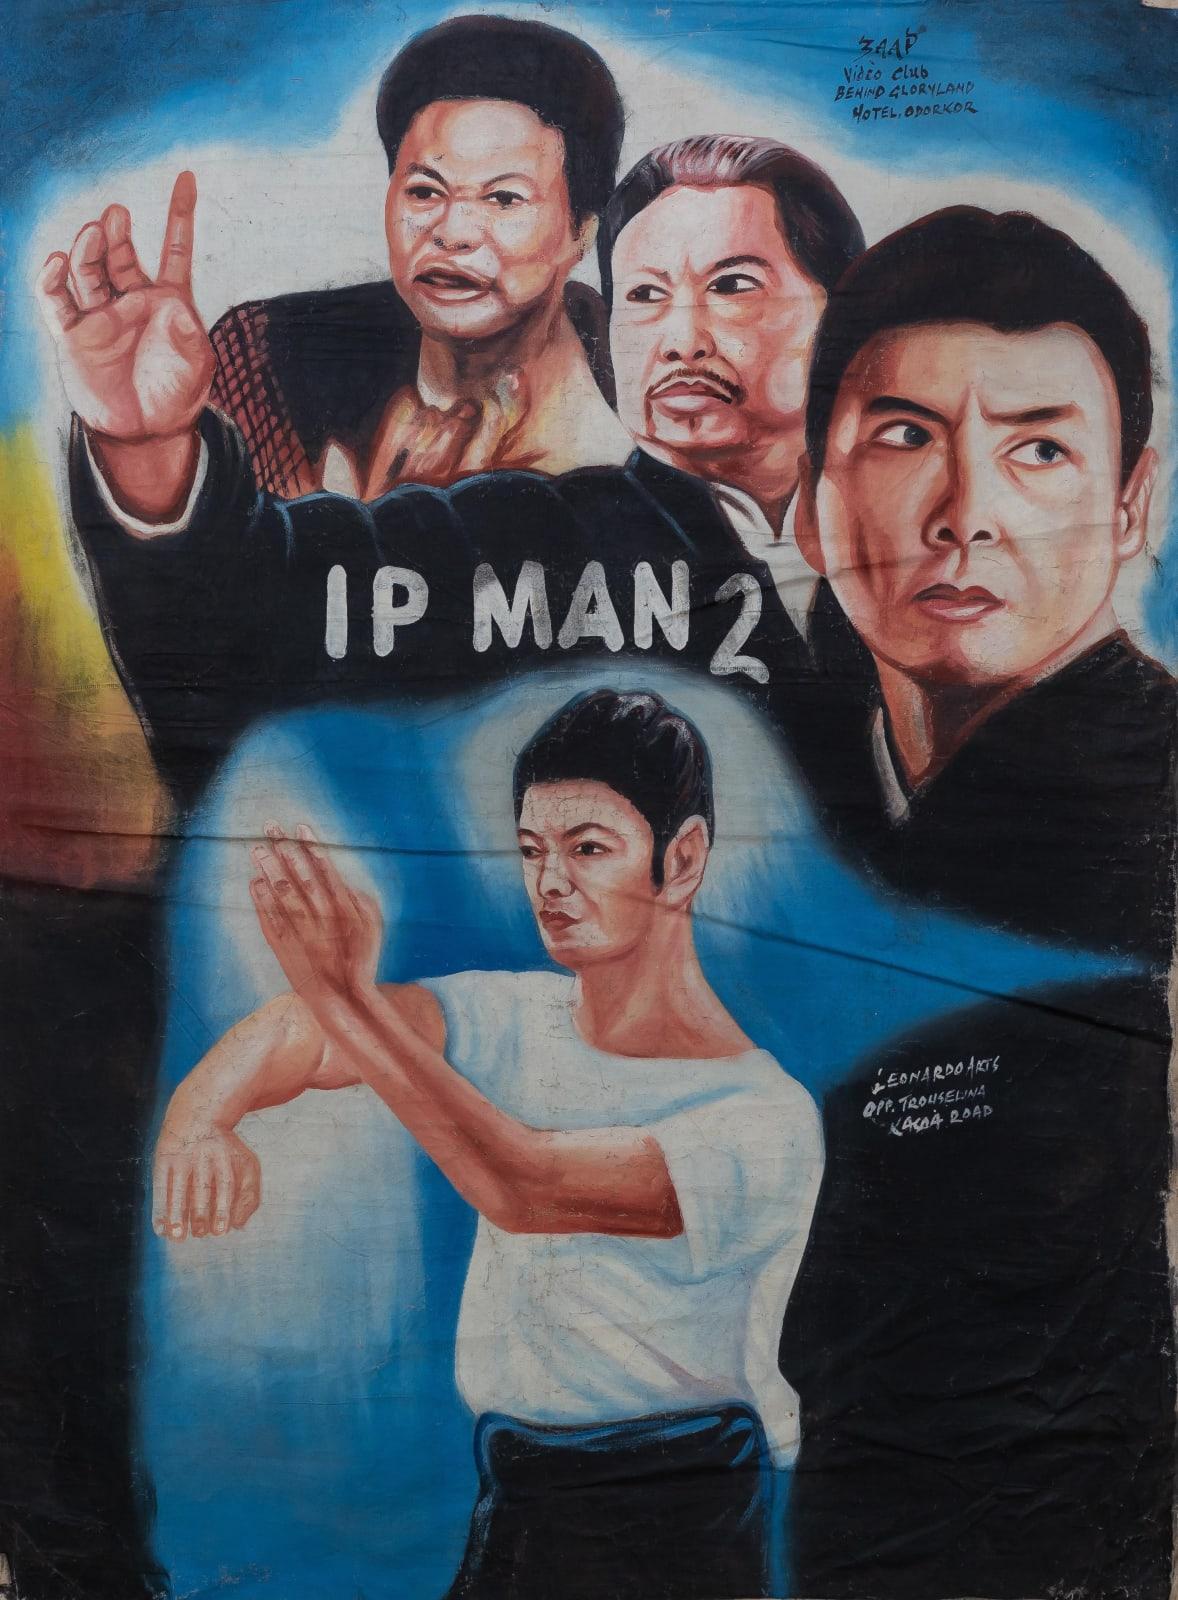 IP Man 2 144 x 106 cm